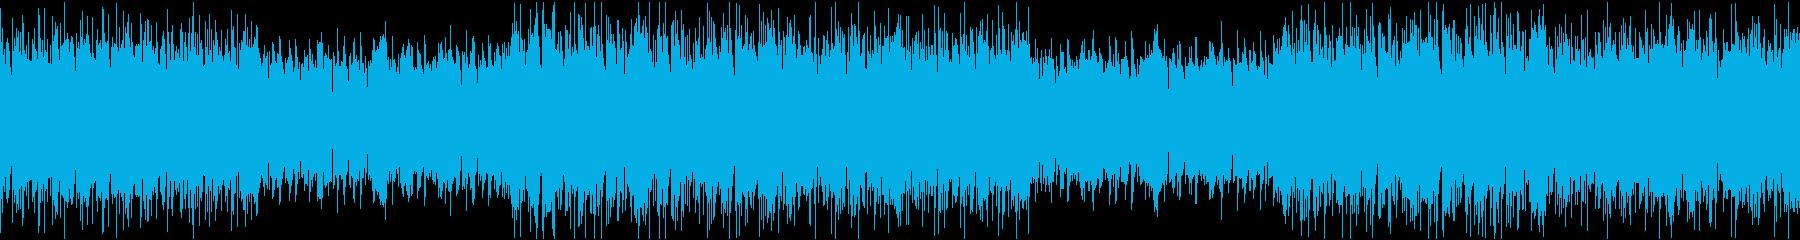 ダーク琴エレクトロ/ループの再生済みの波形